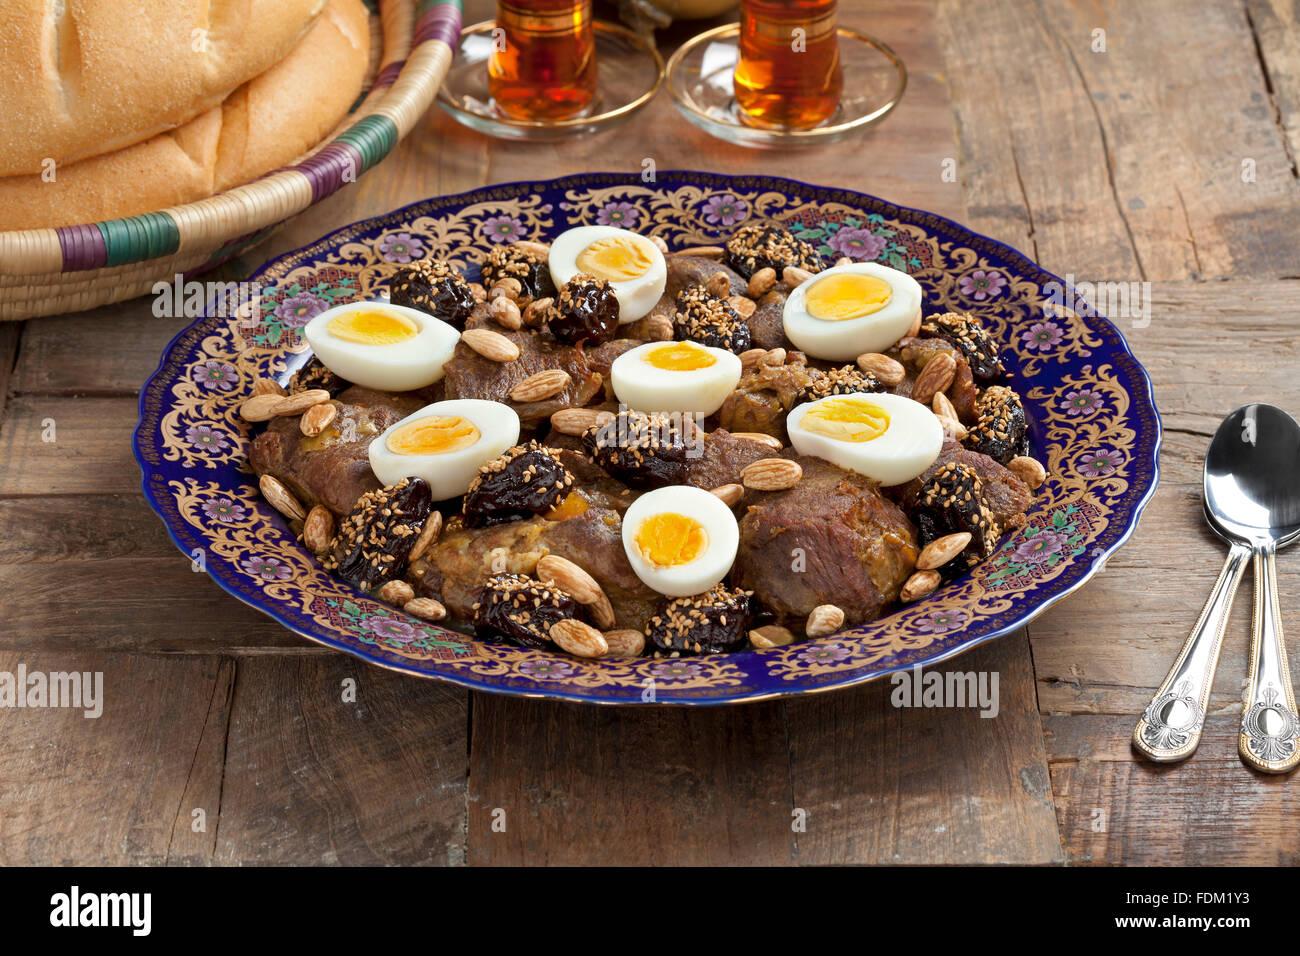 Plat de fête marocaine avec de la viande, les prunes,les amandes et les oeufs Photo Stock